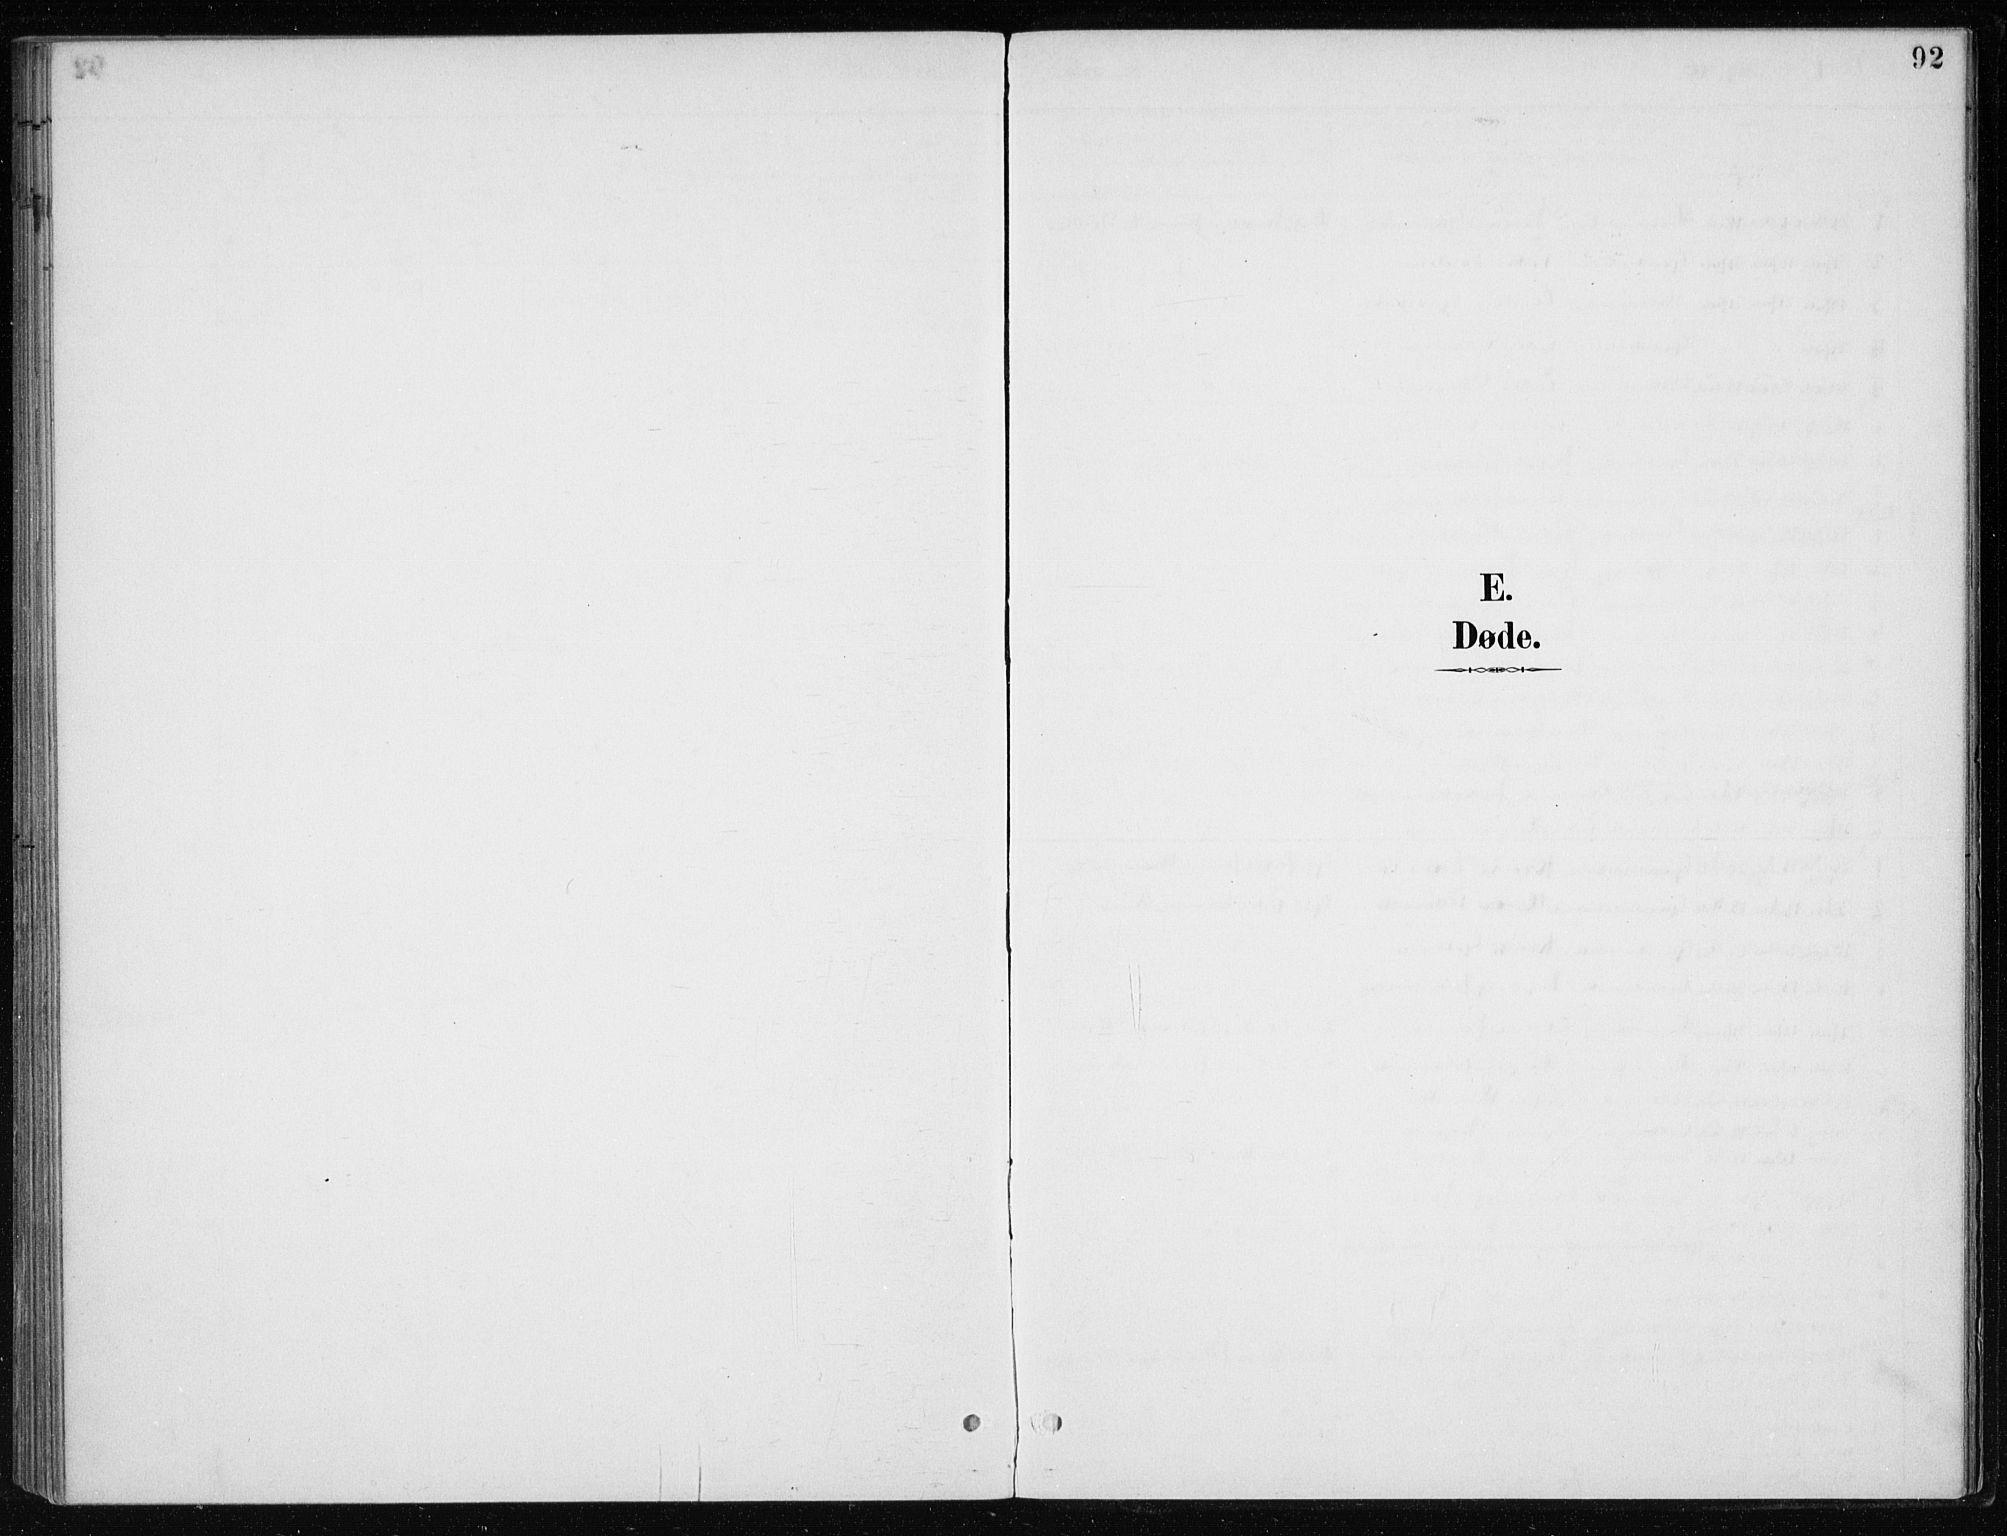 SAB, Kvinnherad Sokneprestembete, H/Haa: Ministerialbok nr. F 1, 1887-1912, s. 92